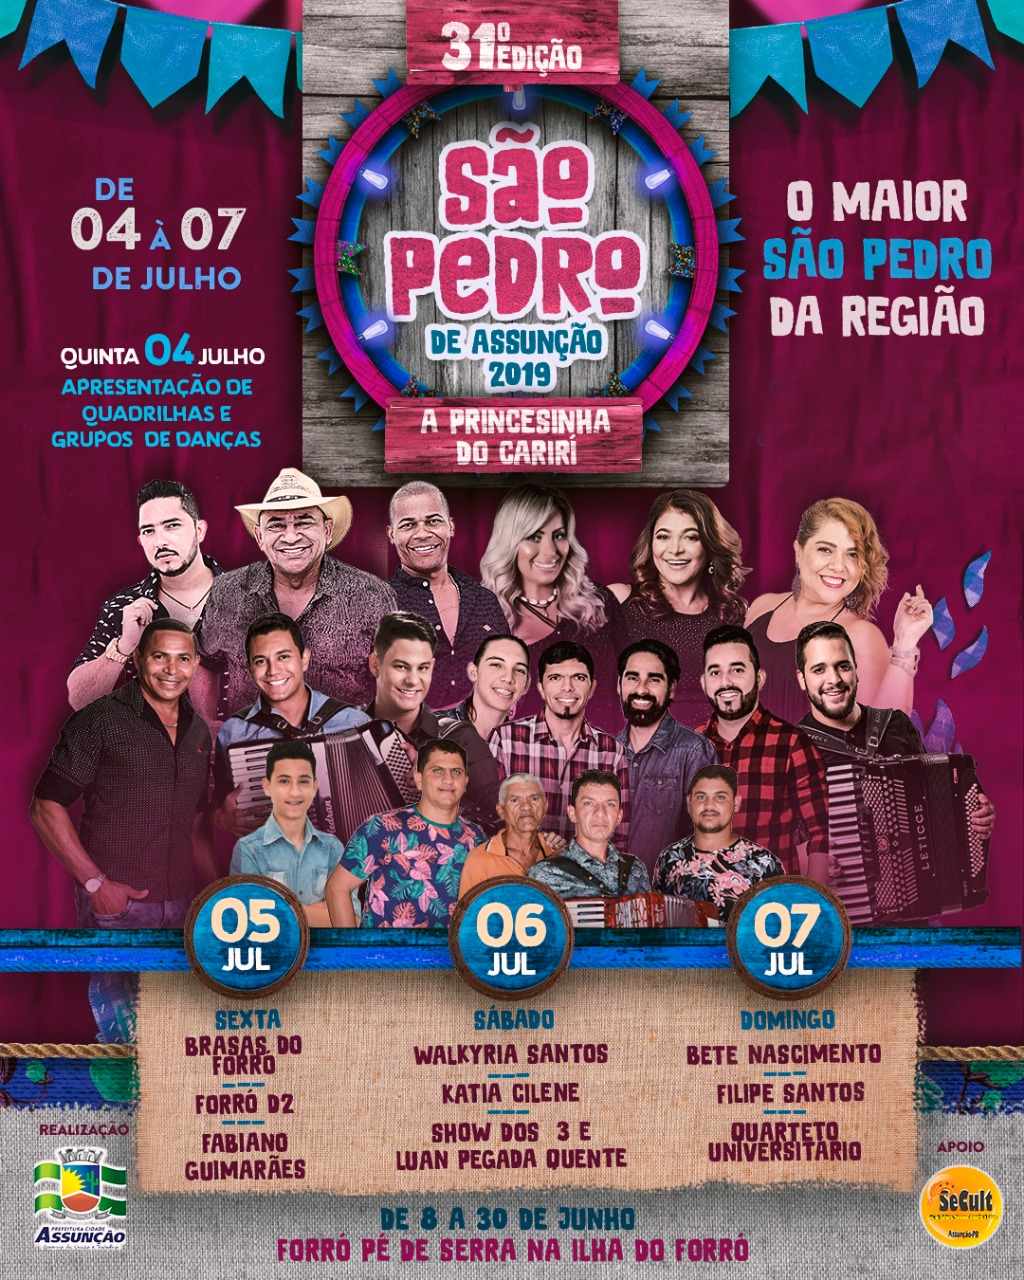 Maior São Pedro da Região edição 2019